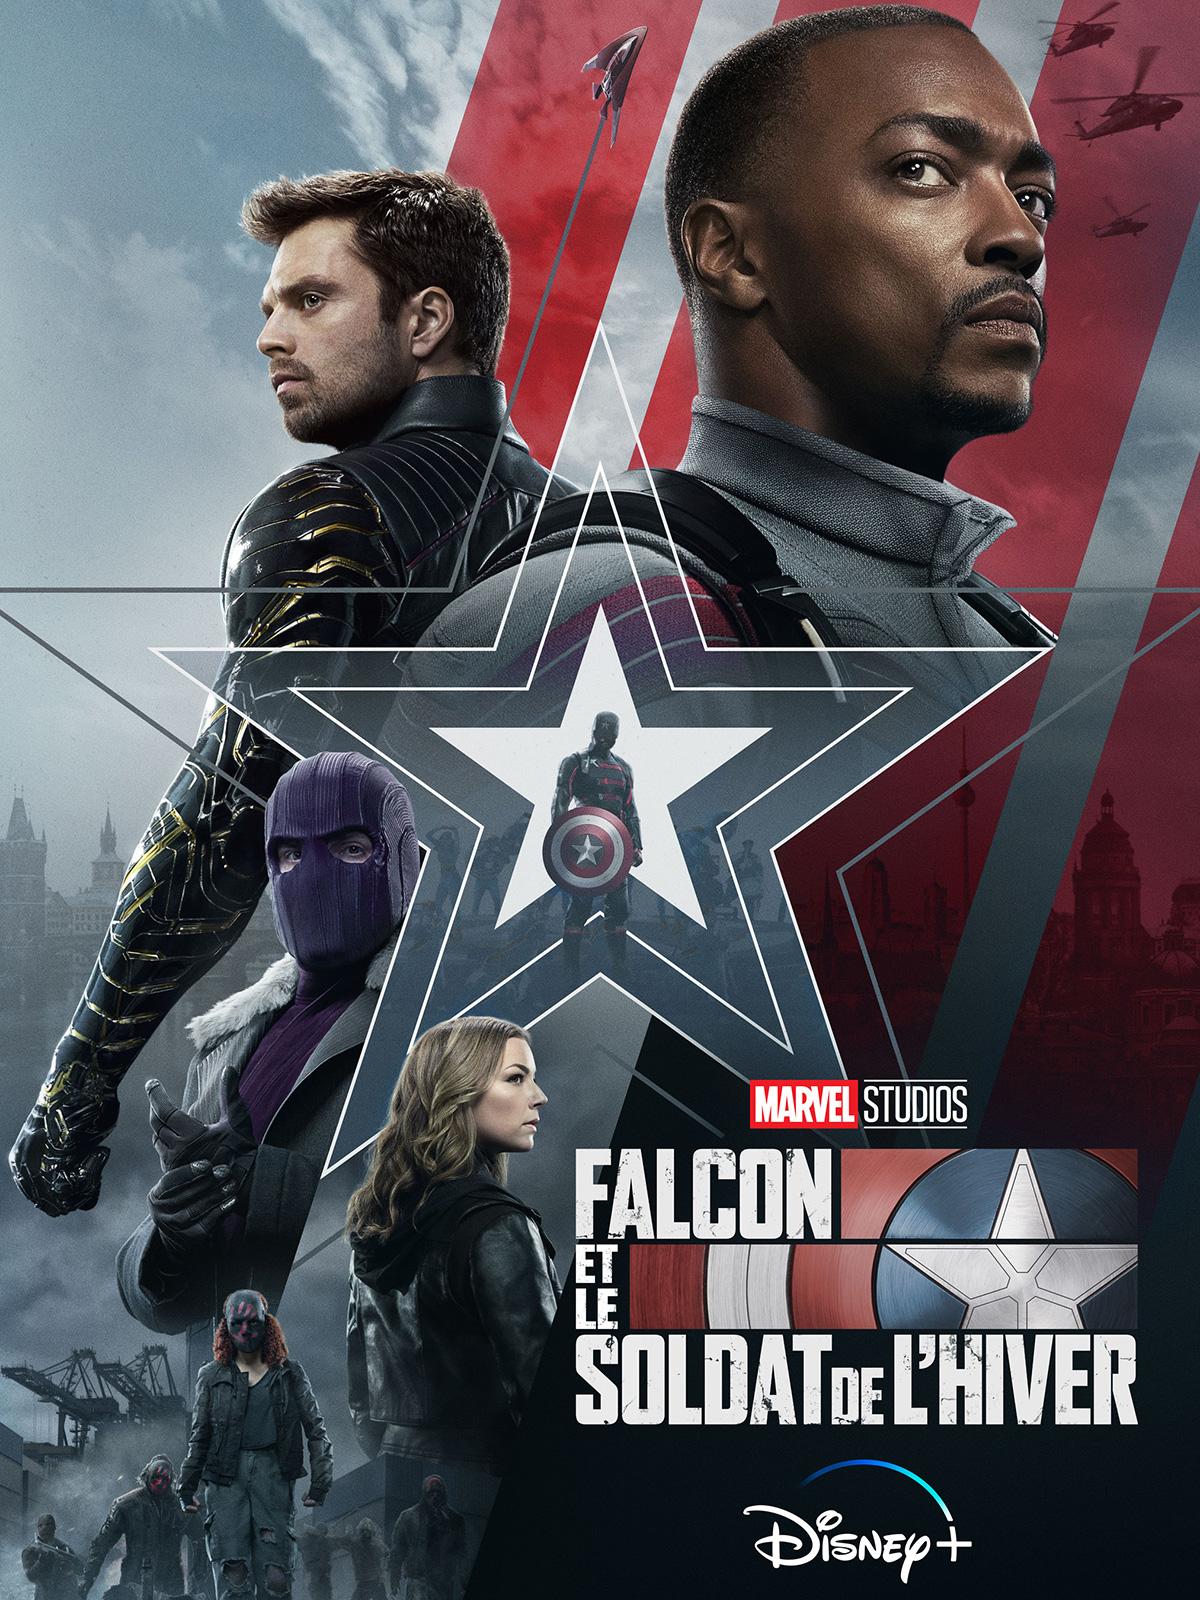 Falcon et le Soldat de l'Hiver - Série TV 2021 - AlloCiné